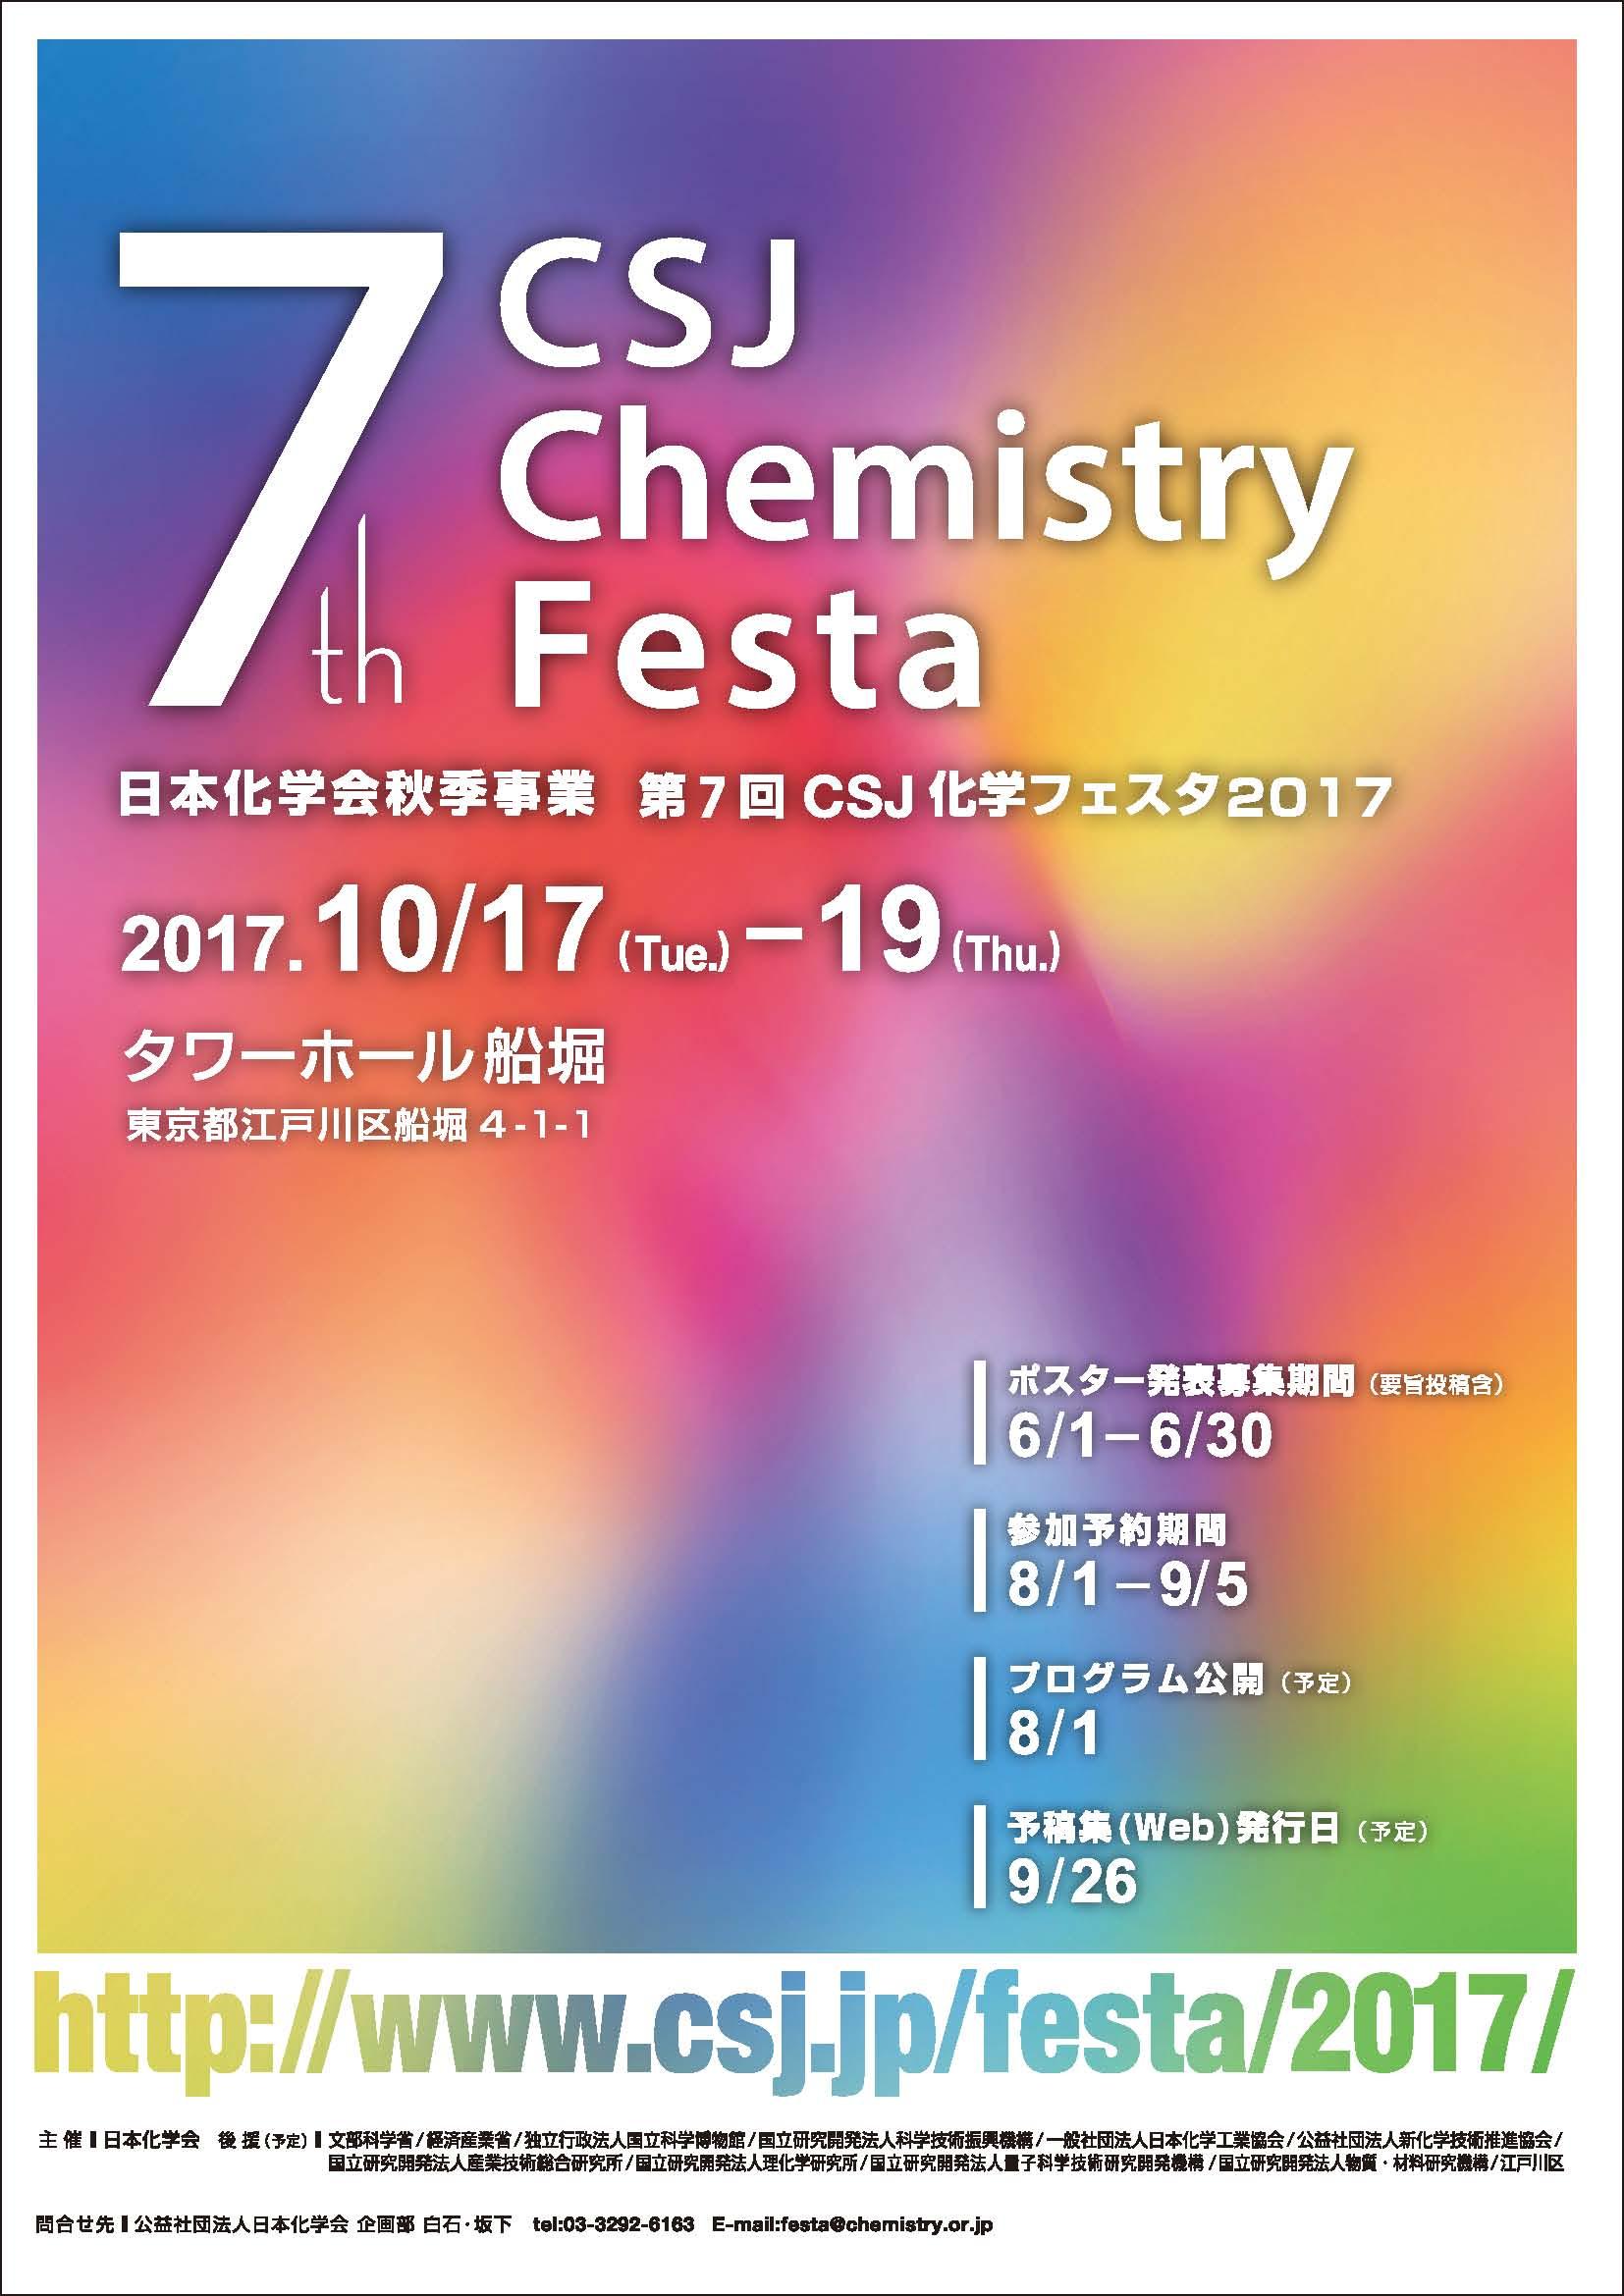 第7回csj化学フェスタ2017 日本化学会秋季事業